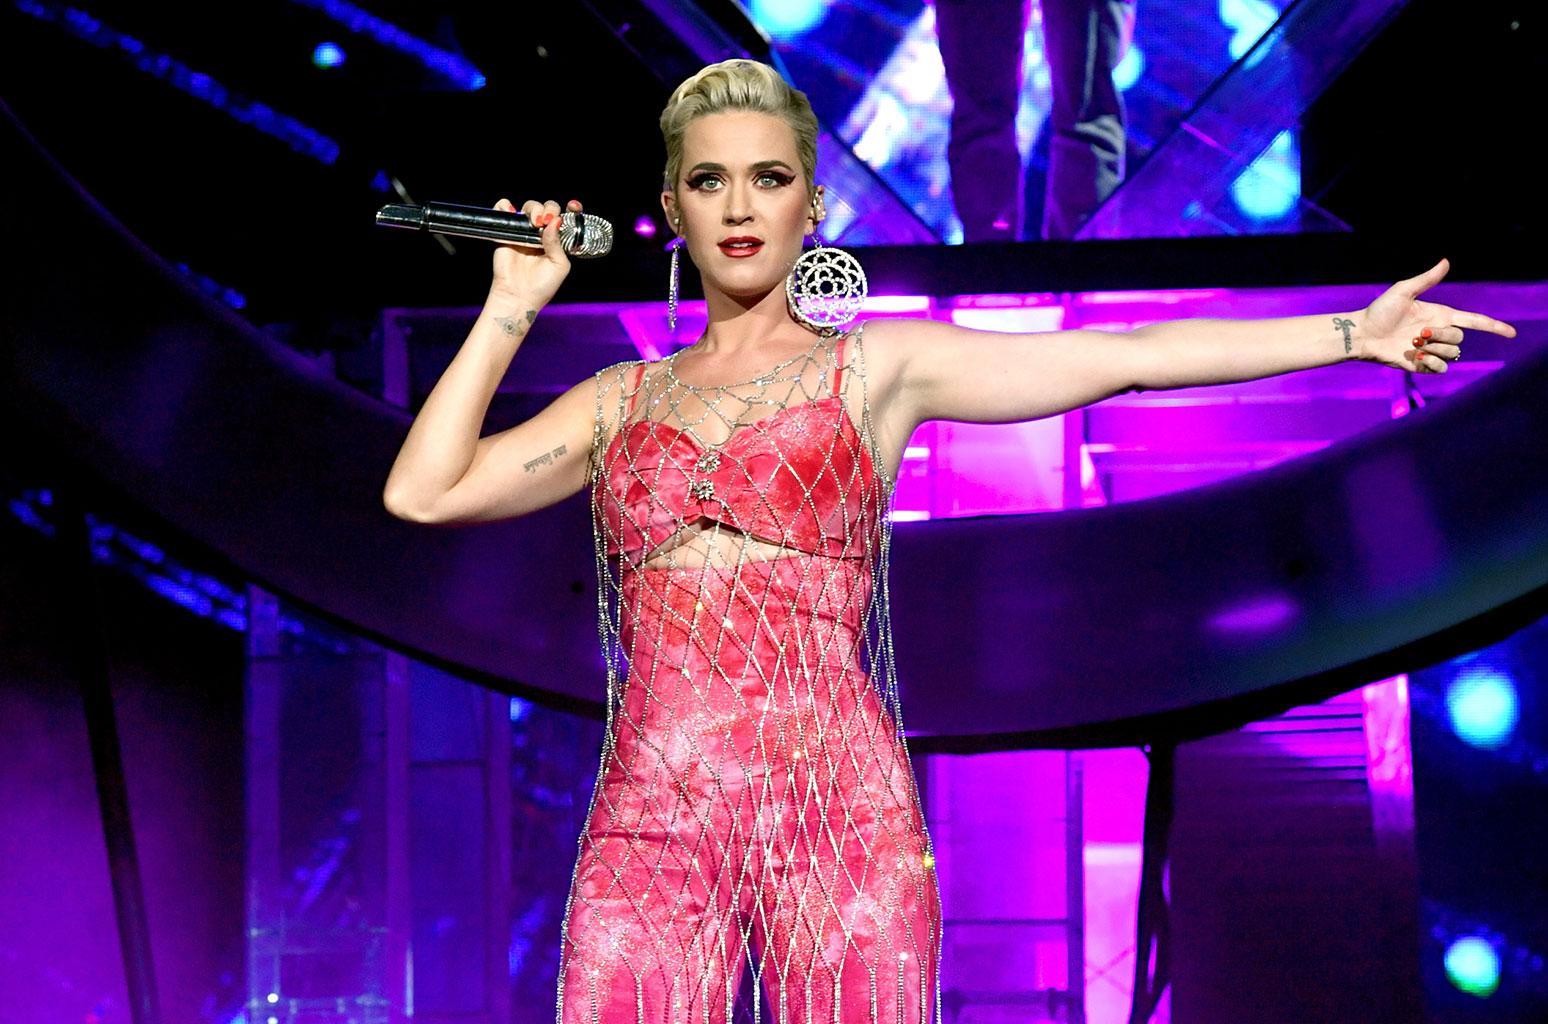 A cantora Katy Perry é condenada pela justiça depois de plágio (Foto: Reprodução)